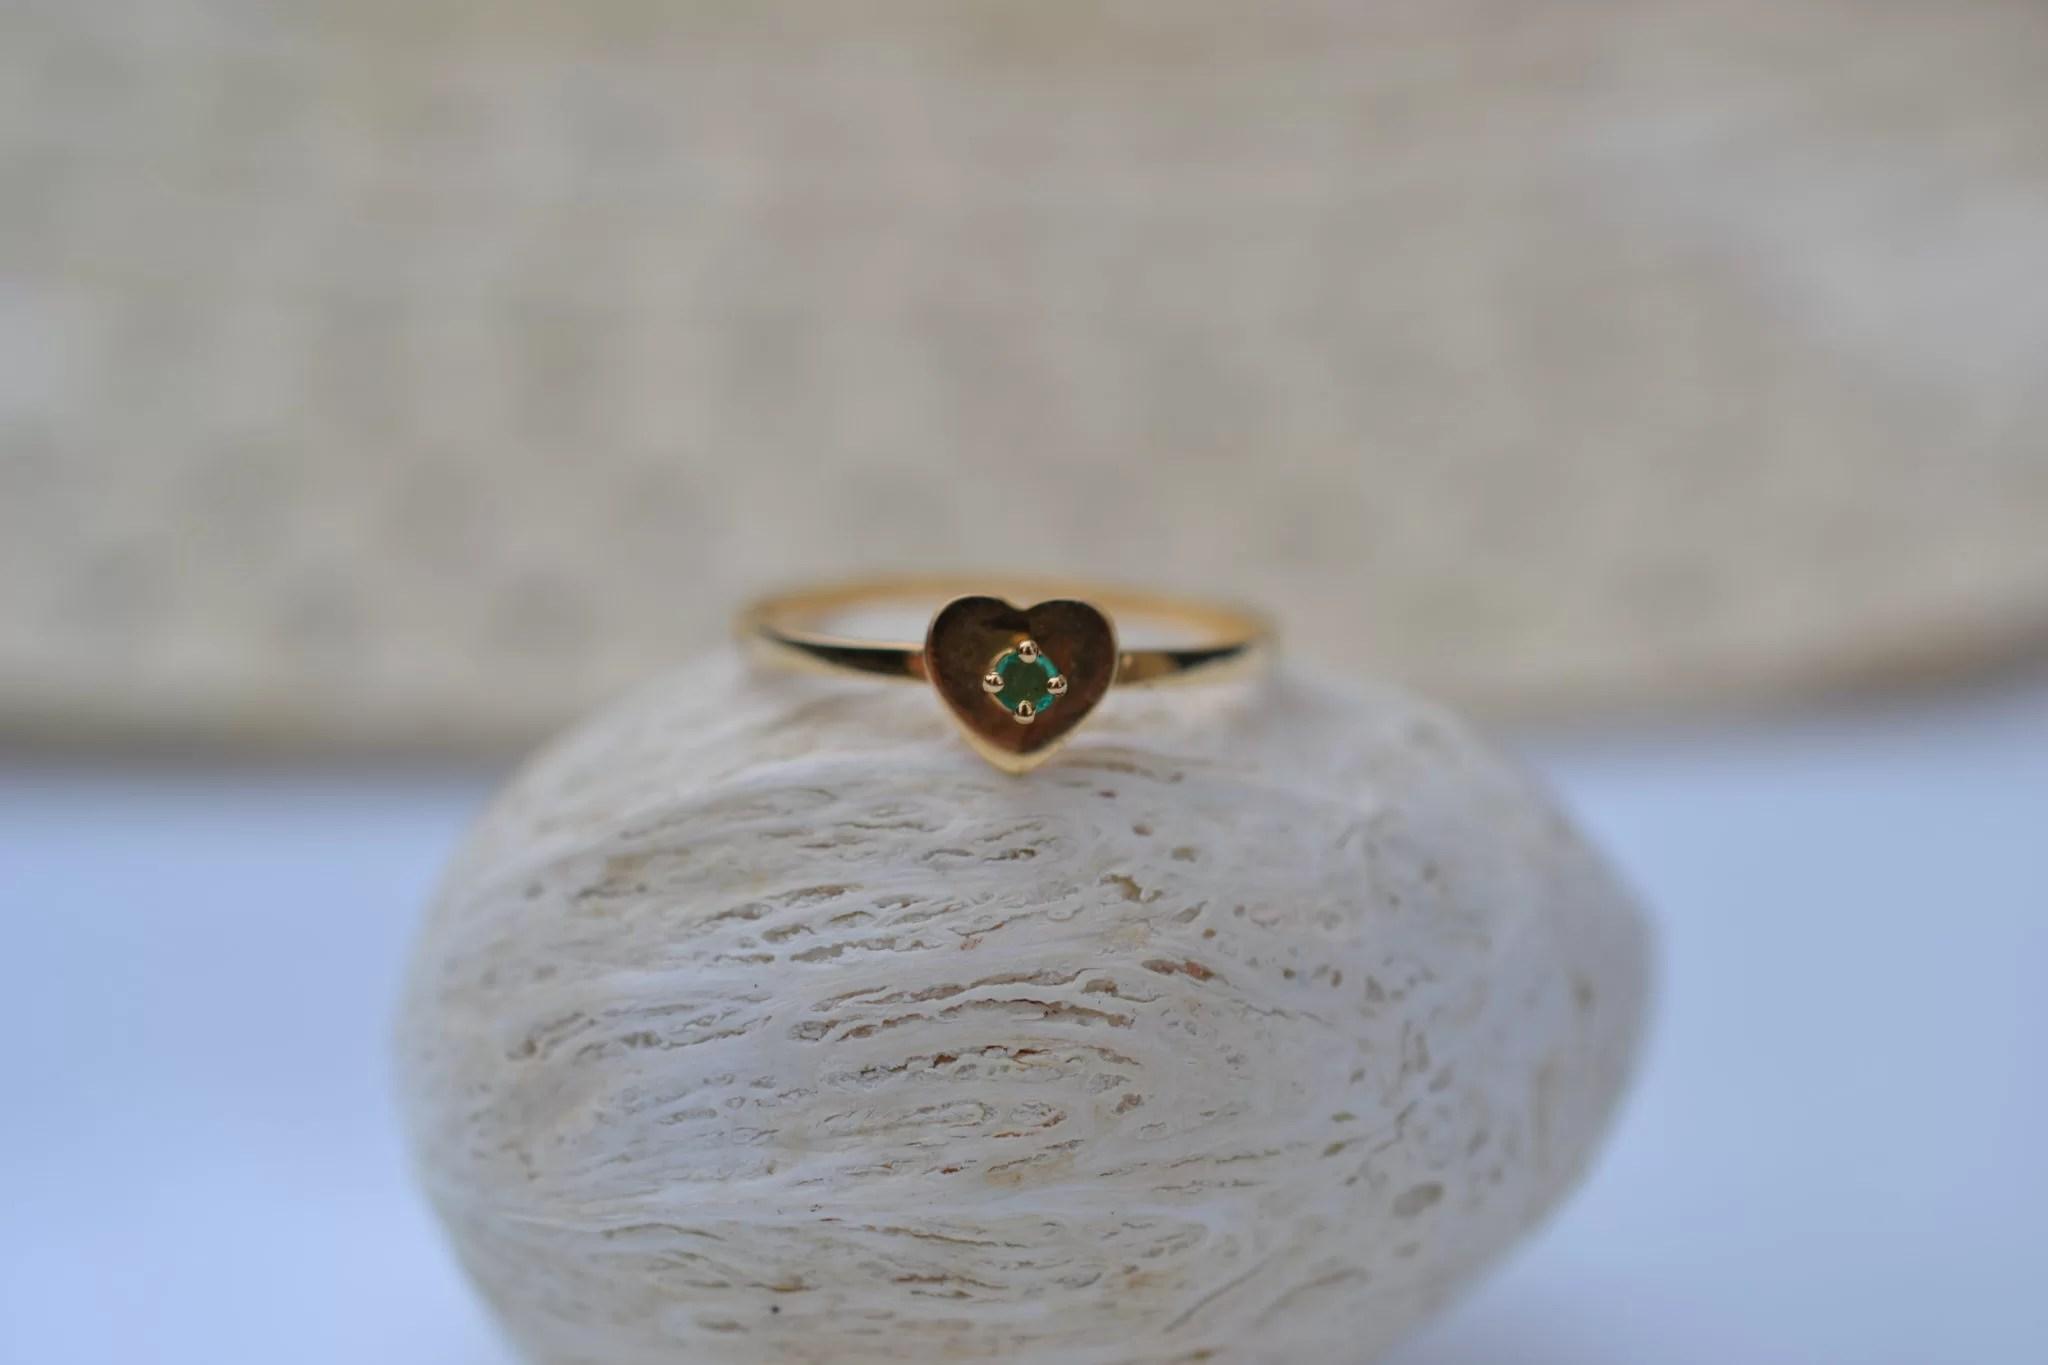 Bague en Or jaune sertie d'une pierre verte sur une monture en forme de cœur bijou éthique